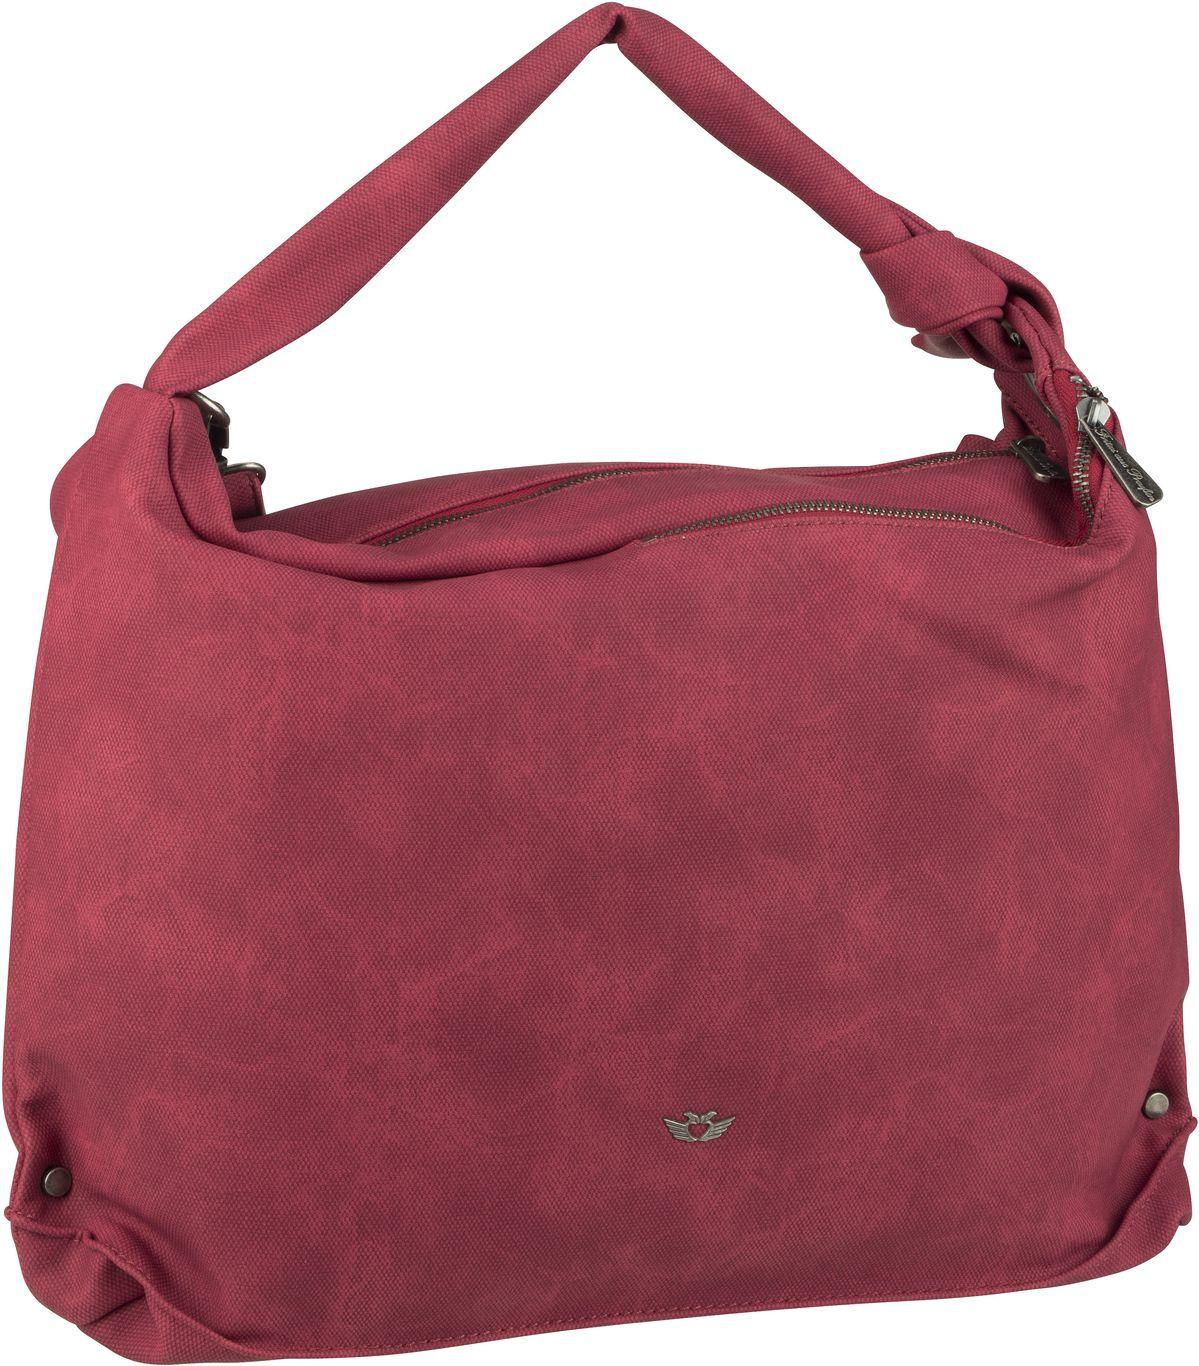 Handtasche Bina Kelim Wild Berry